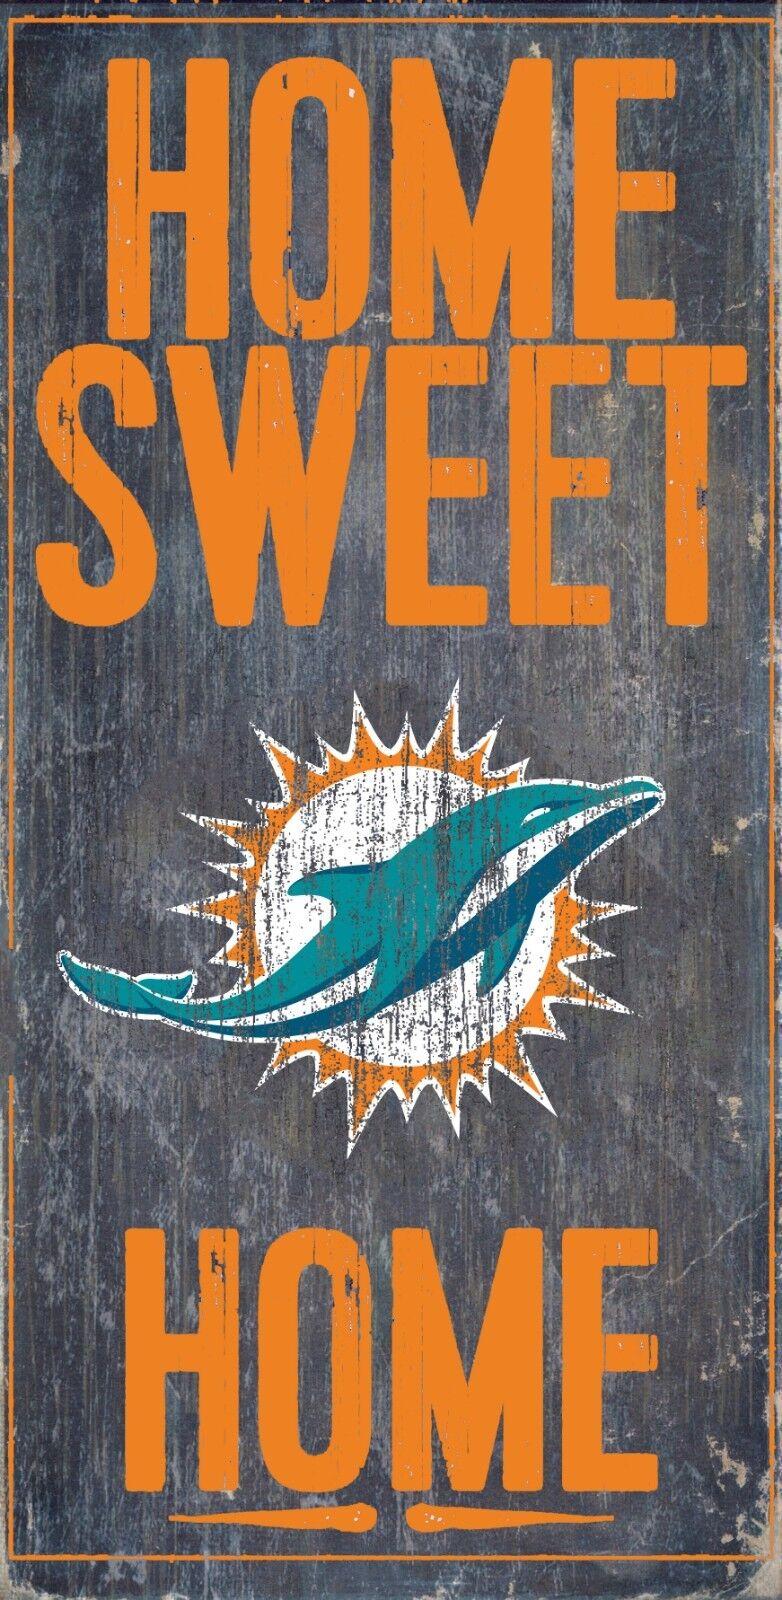 Miami Dolphins Heim Süss Holz Zeichen - Neu 15.2cm x 30.5cm Wand Deko Geschenk